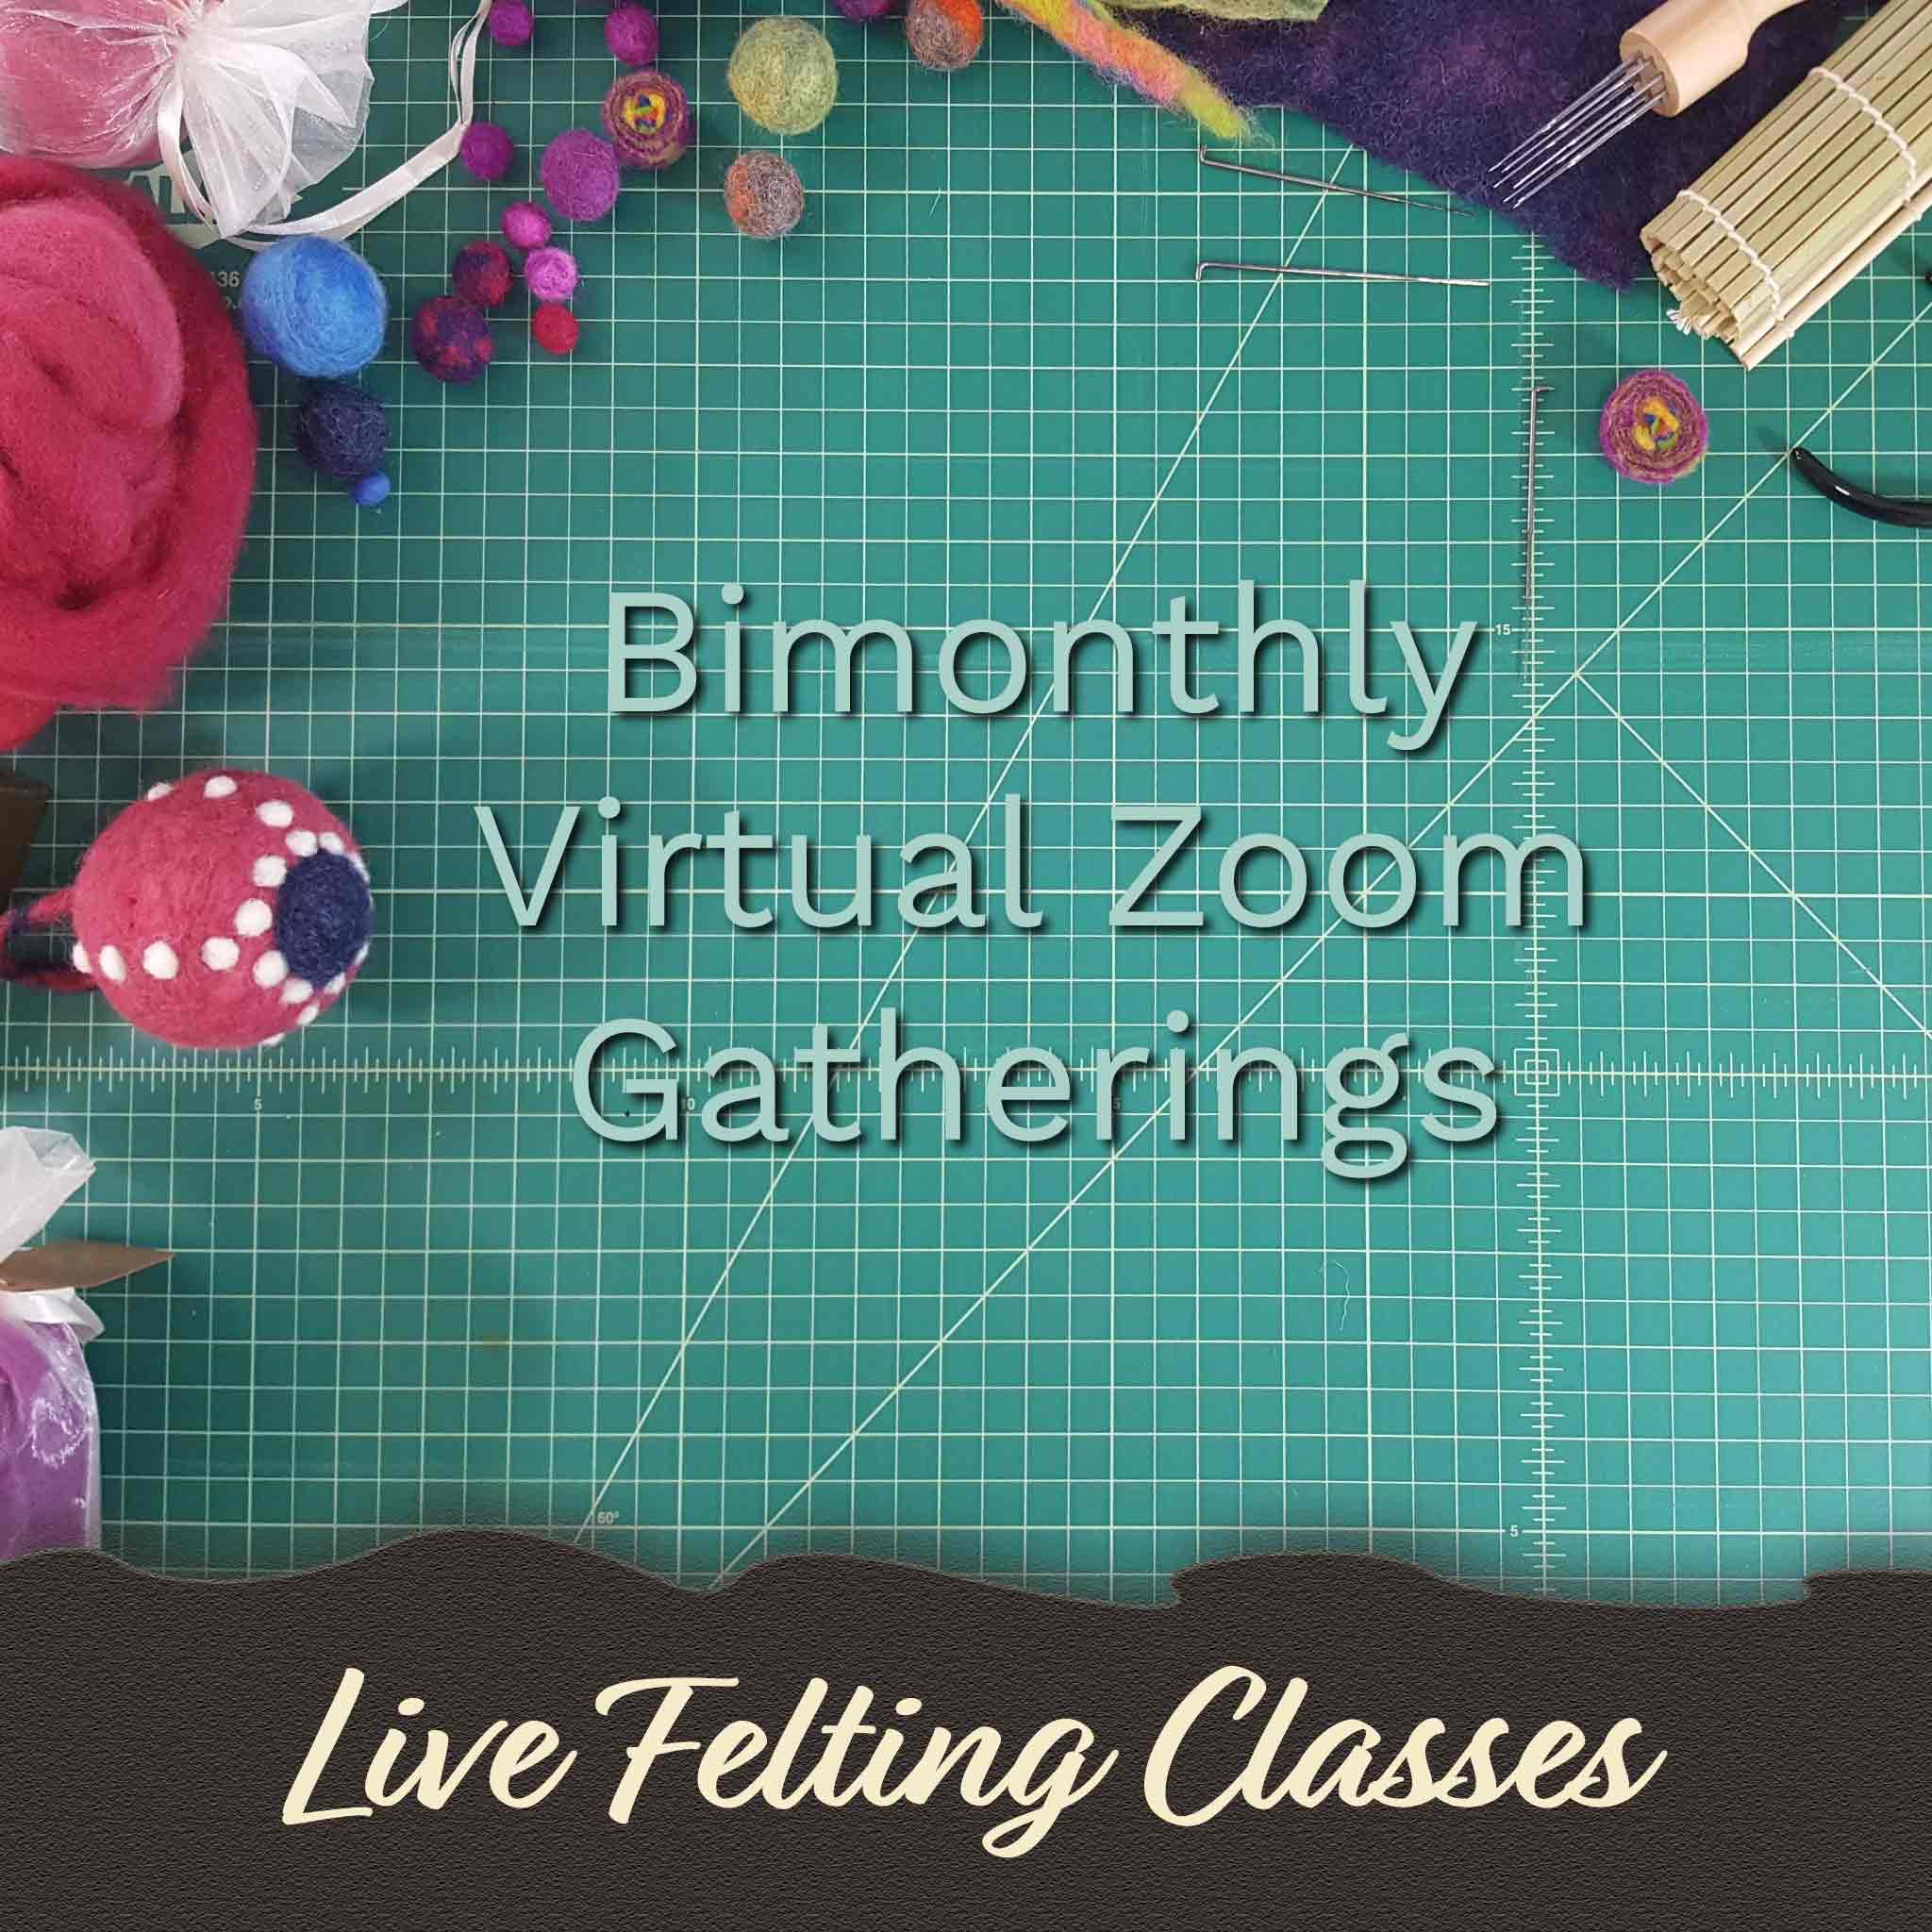 Live felting classes